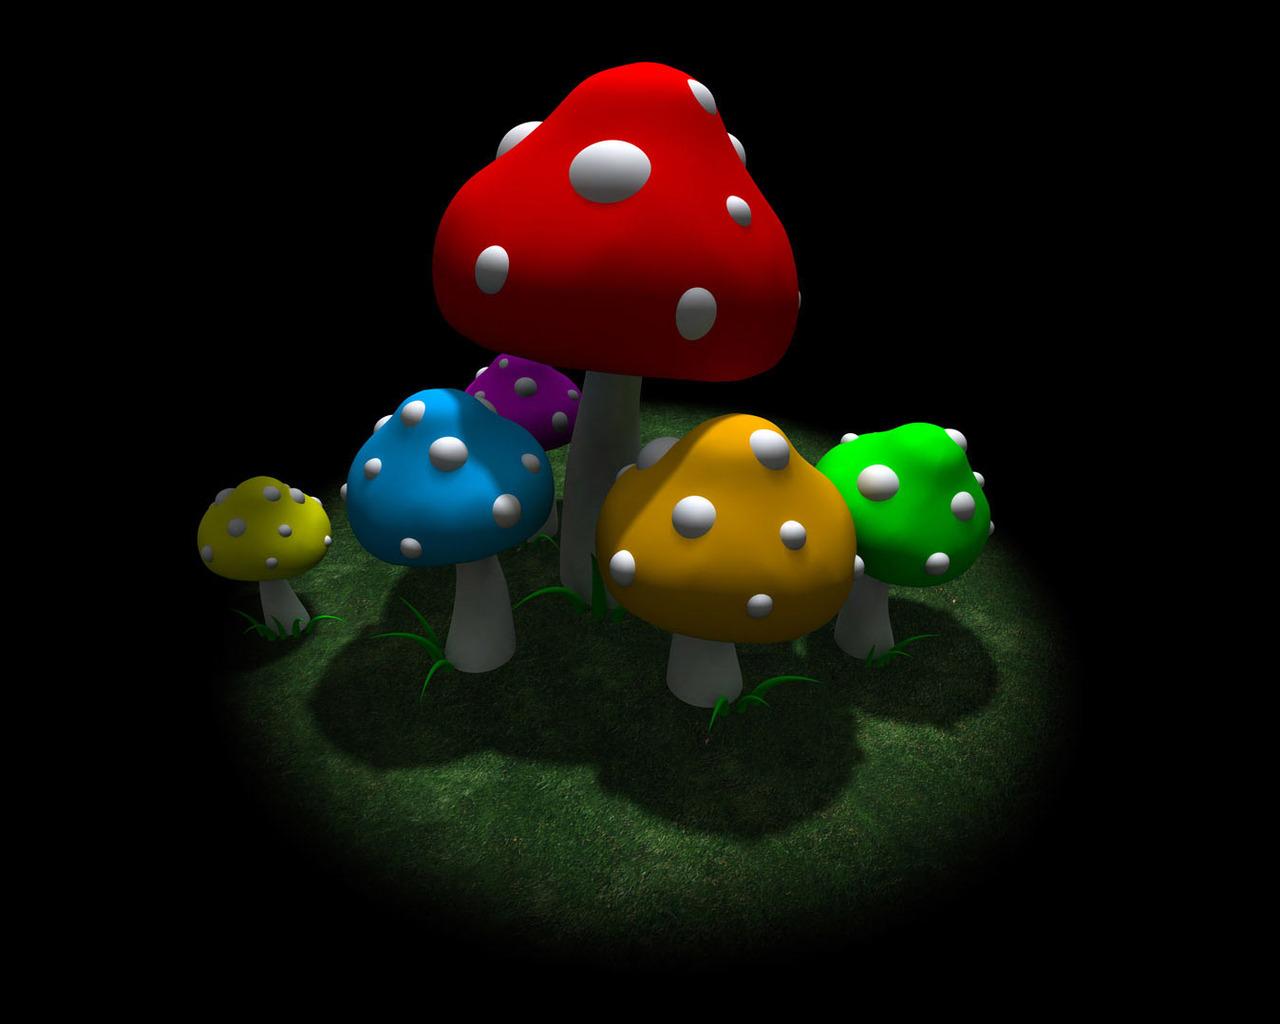 http://2.bp.blogspot.com/_rAsiSS06Zgg/S8R7MiPBcYI/AAAAAAAAAiA/NpTG1O8AS5w/s1600/Colourful+Abstract+(18).jpg